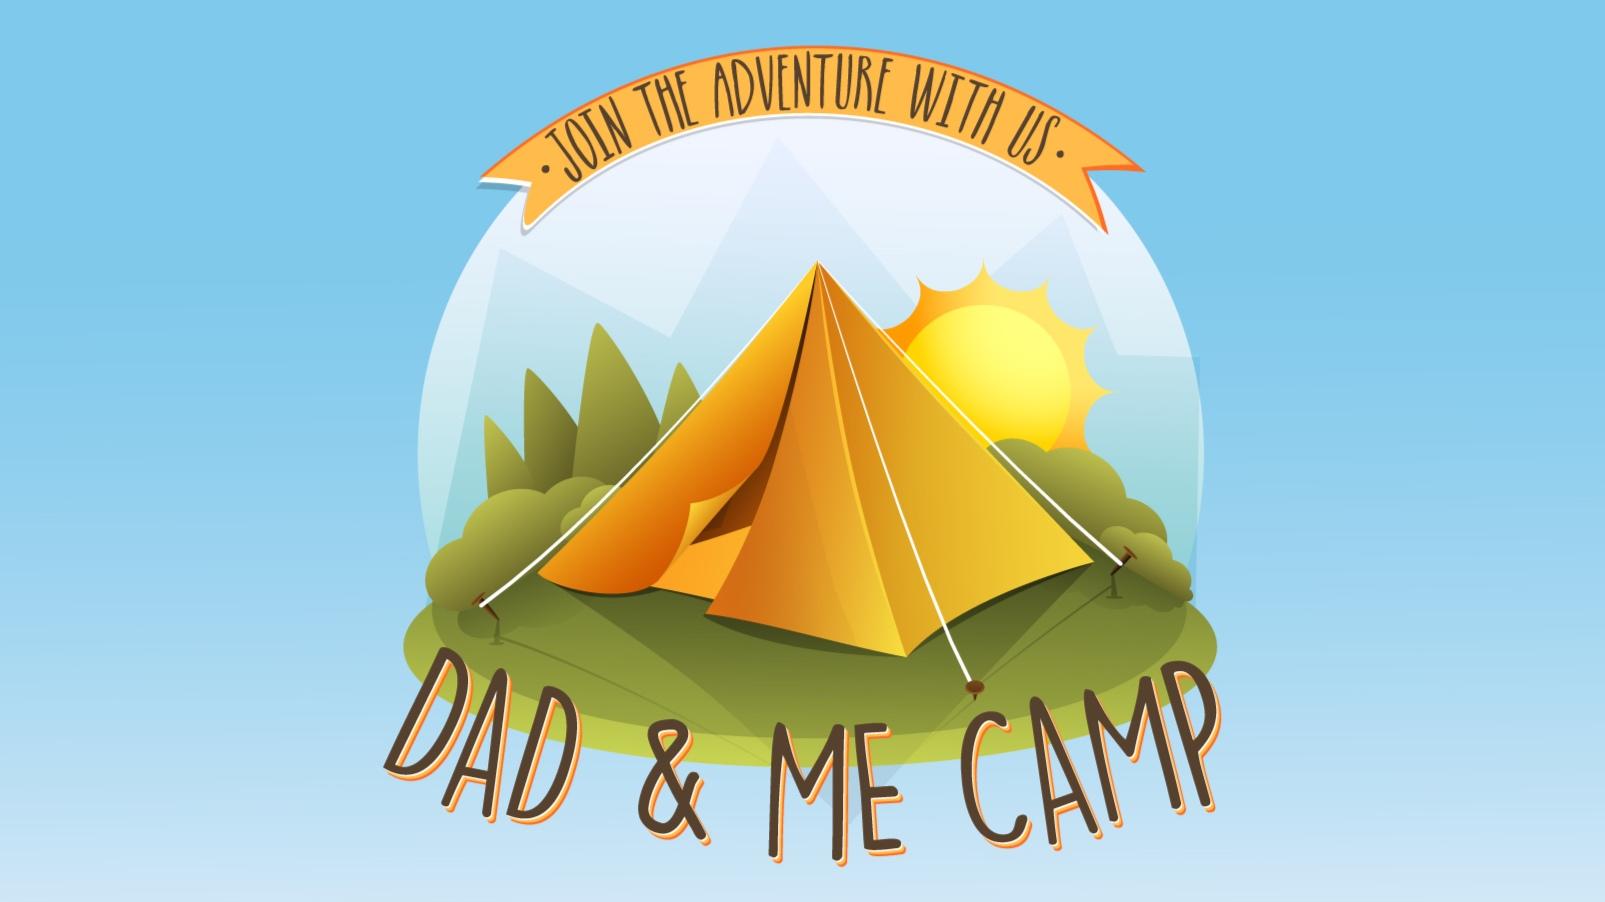 DAD-%26-ME-CAMP-2018.jpg